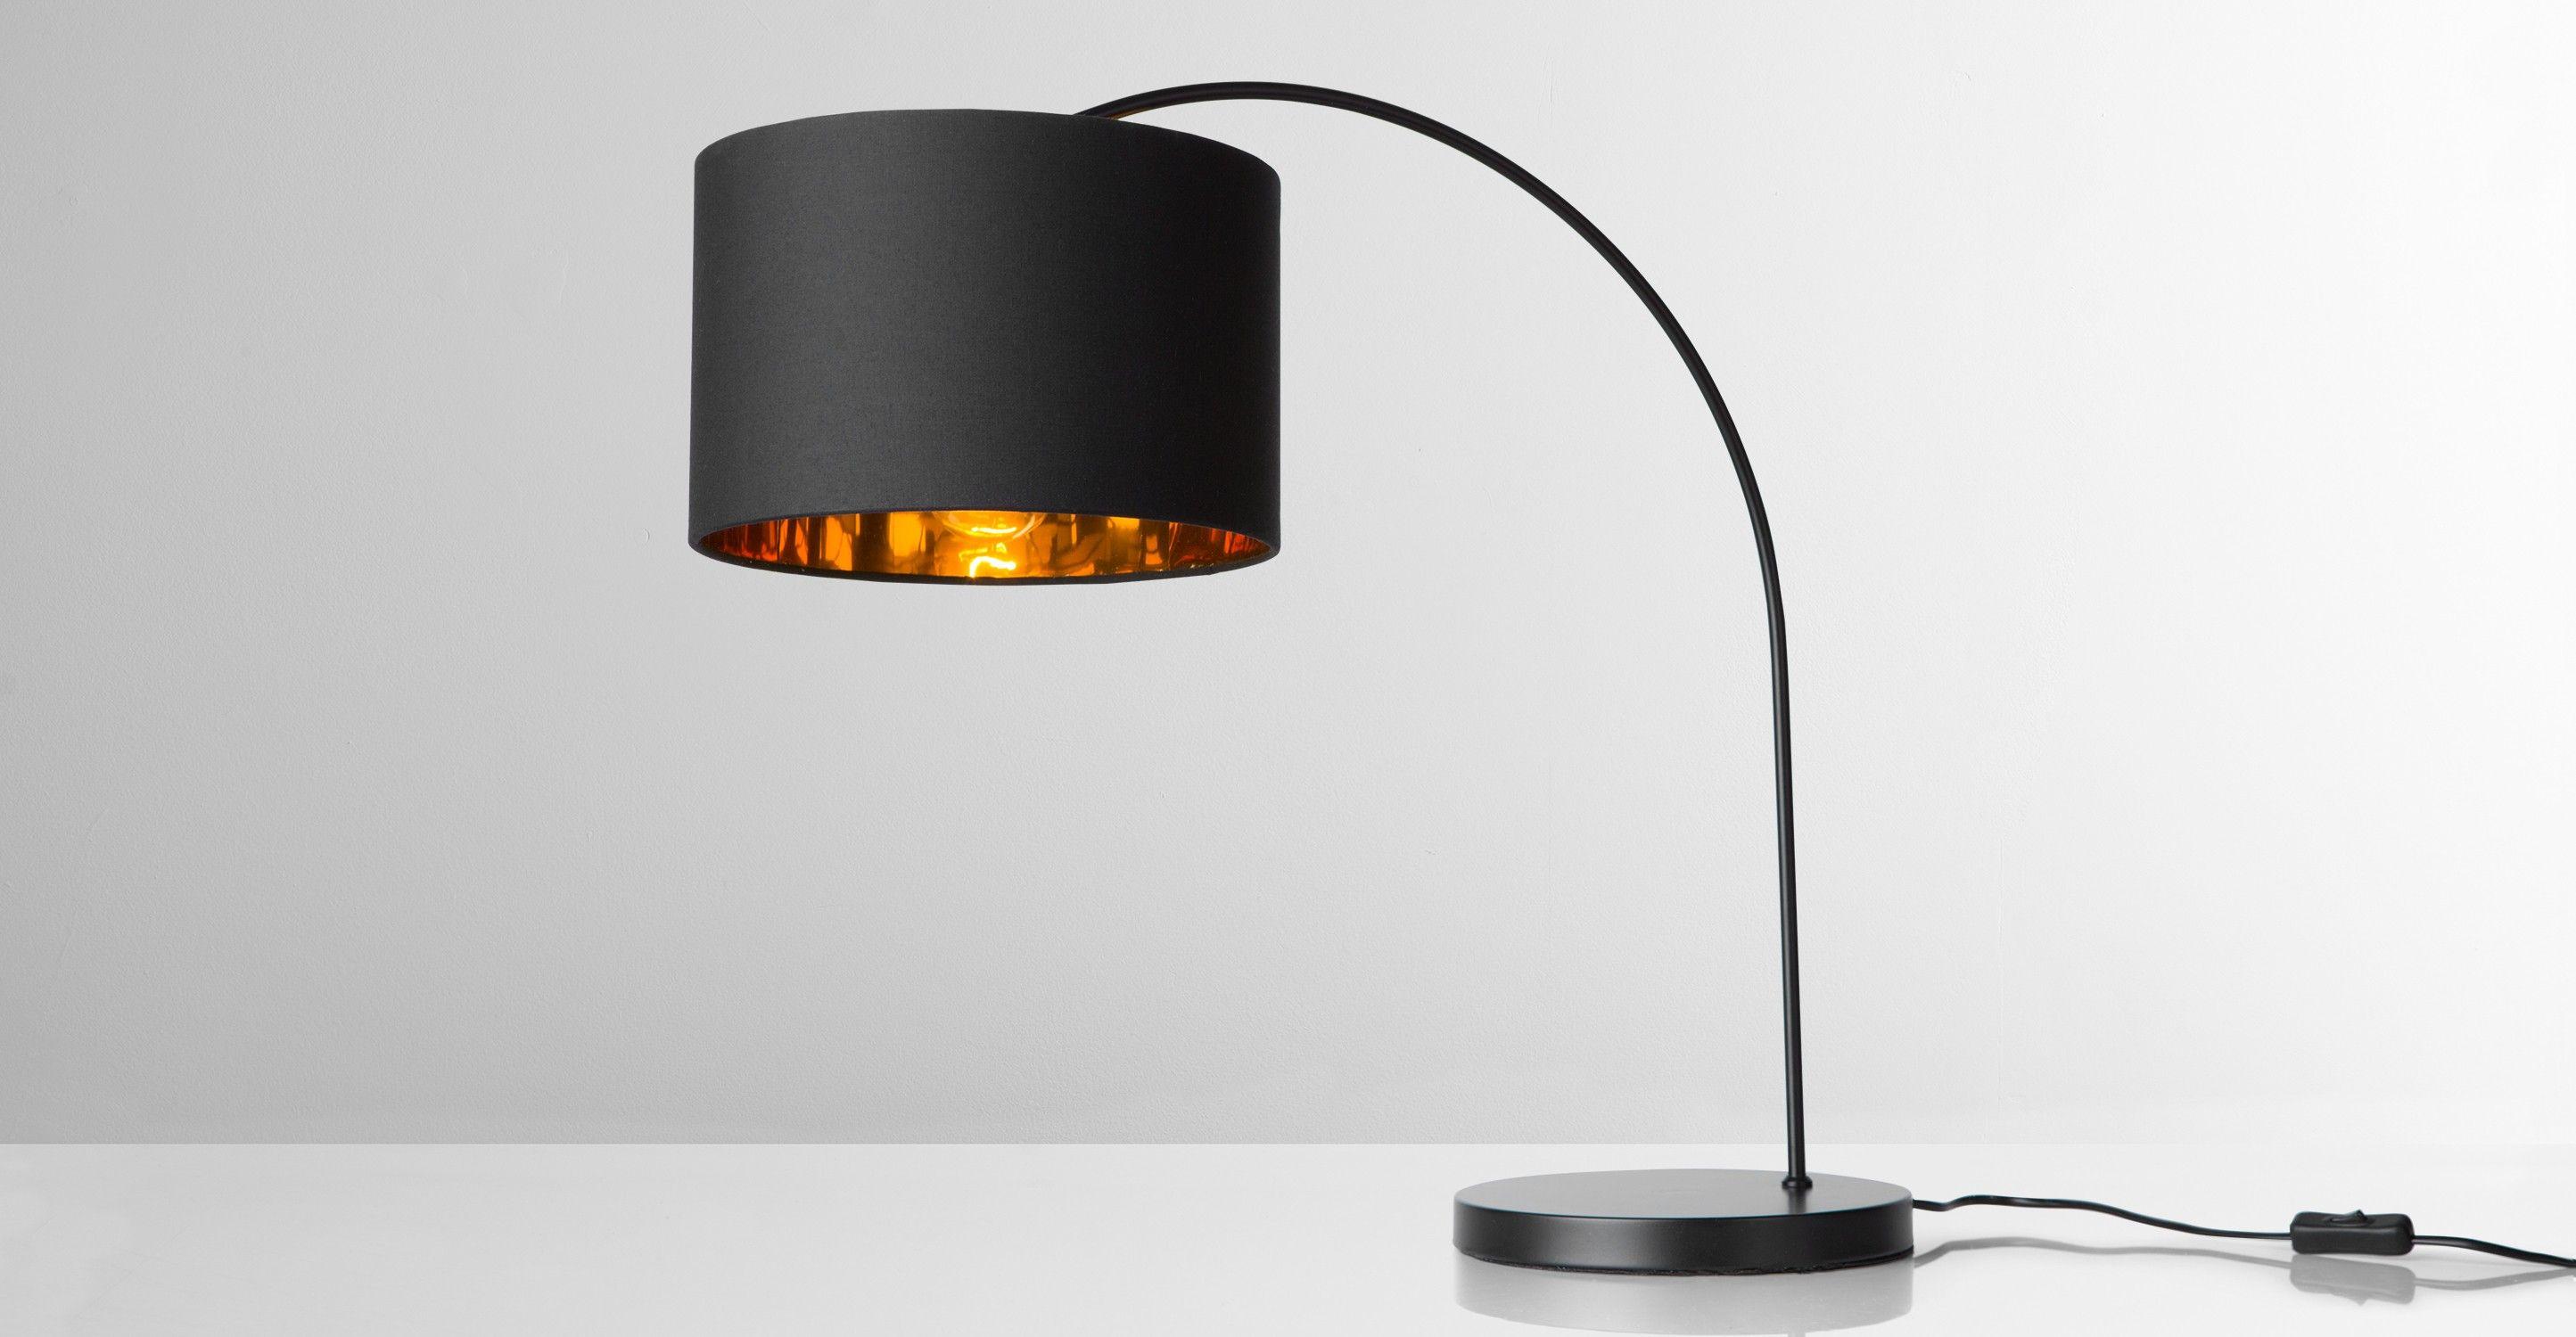 Moderne Design Lampen : Sweep tischlampe mattschwarz und kupfer feenkuss lampen